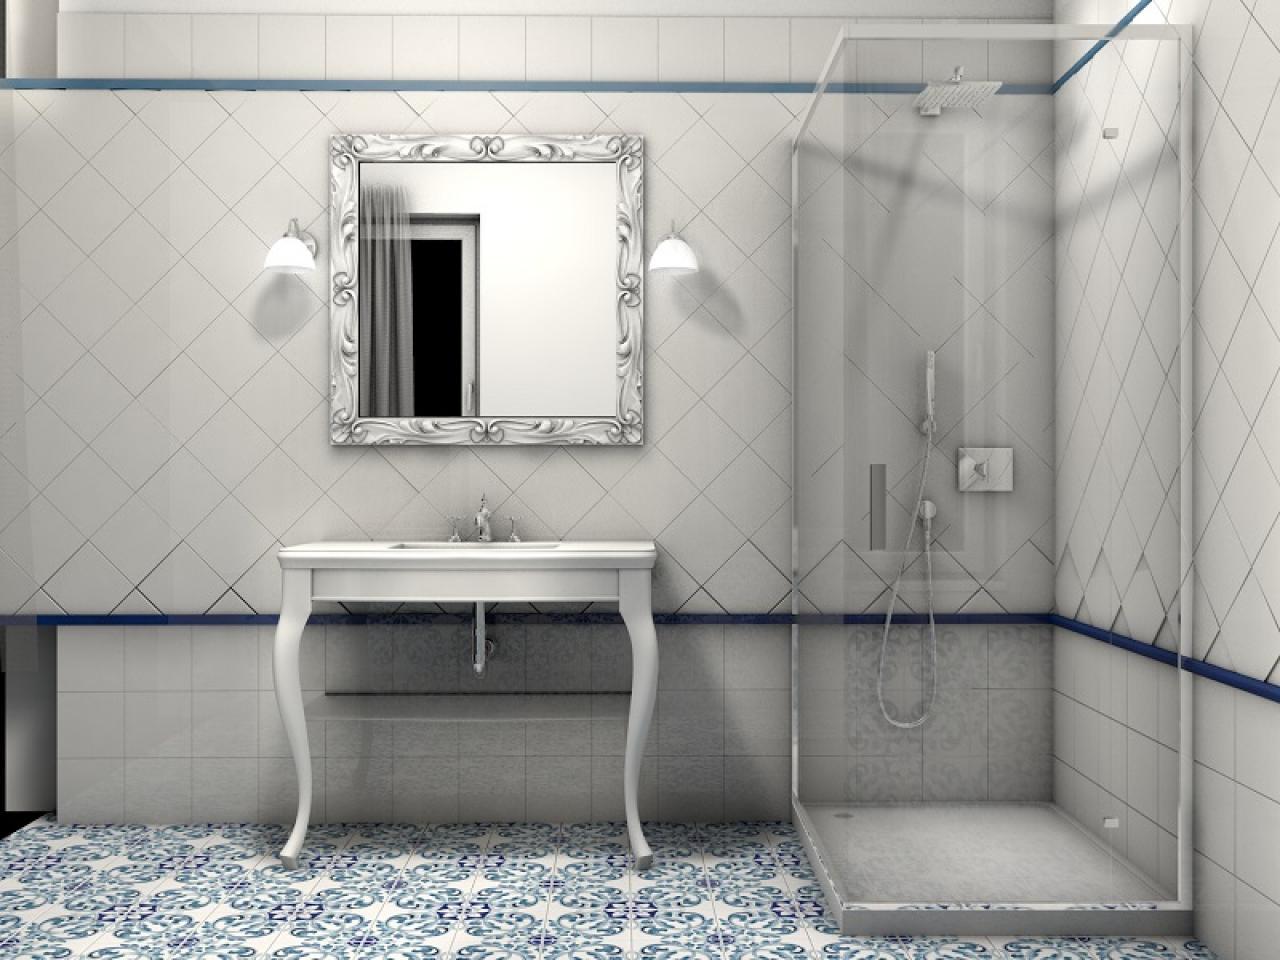 Vasca Da Bagno In Stile Inglese : Stili bagno: guida fotografica per scegliere arredi e rivestimenti